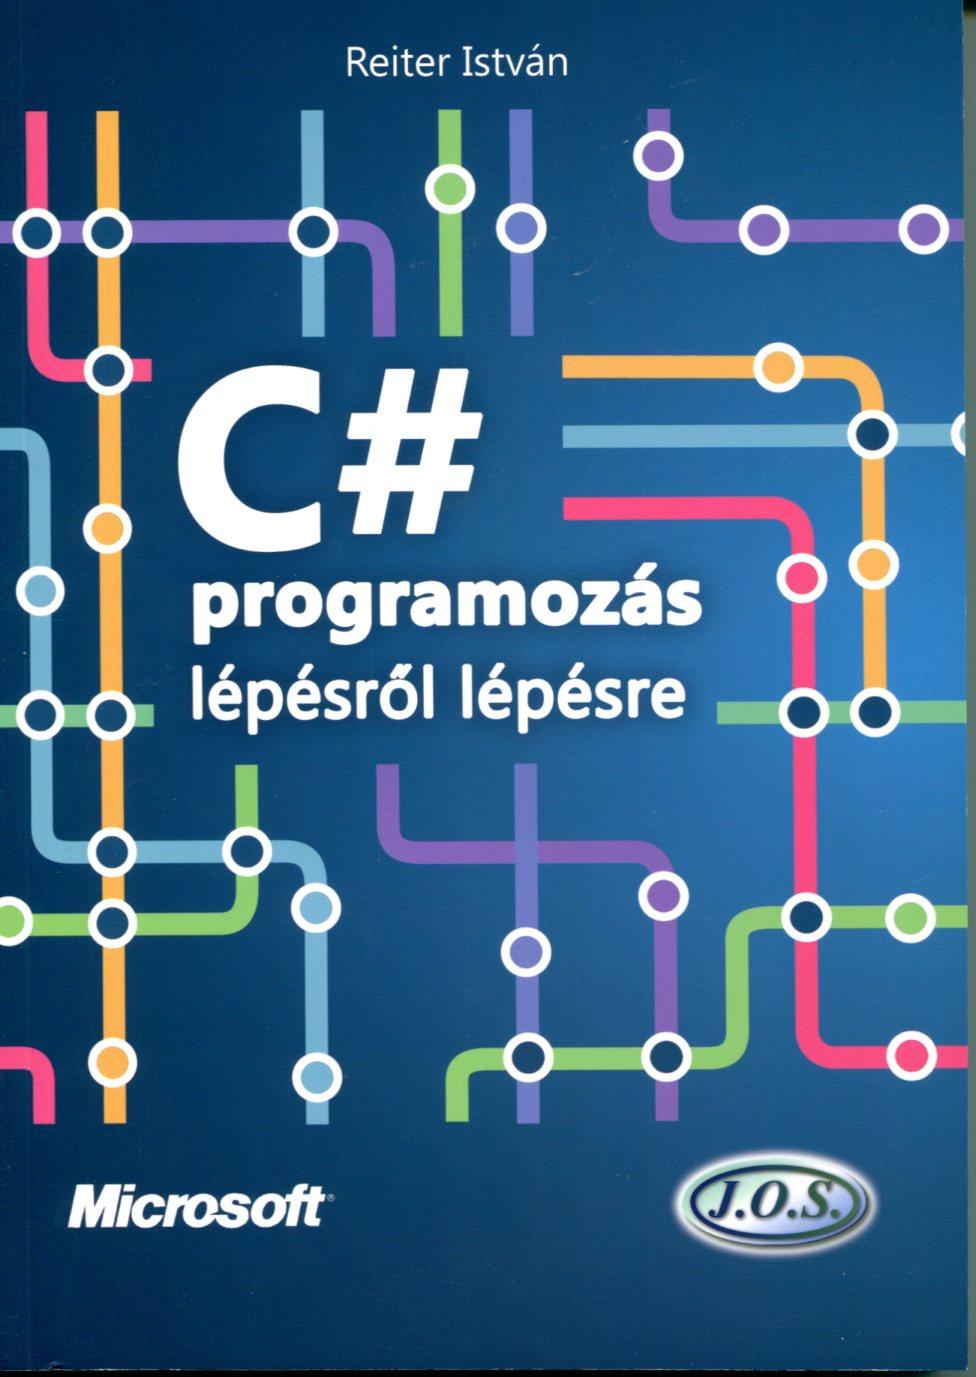 C# programozás lépésről lépésre (Programozási ismeretek):